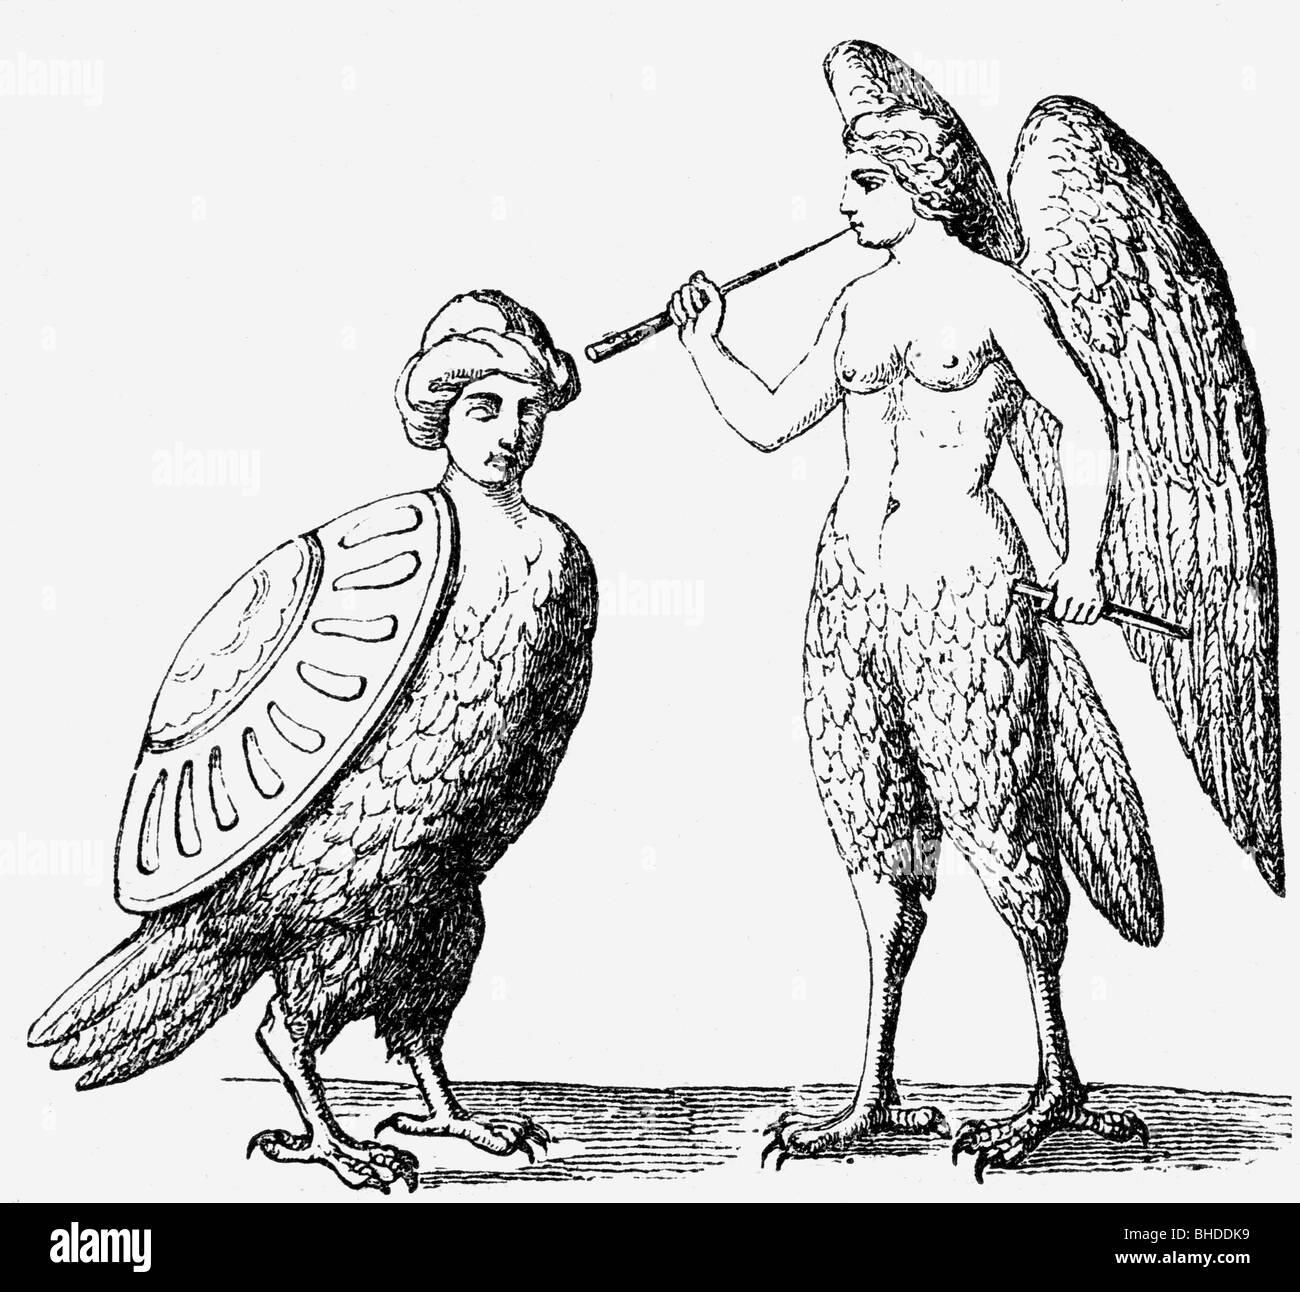 Arpías, criaturas míticas griegas (mitad mujer, mitad pájaro) grabado en madera, del siglo xix, Additional Imagen De Stock